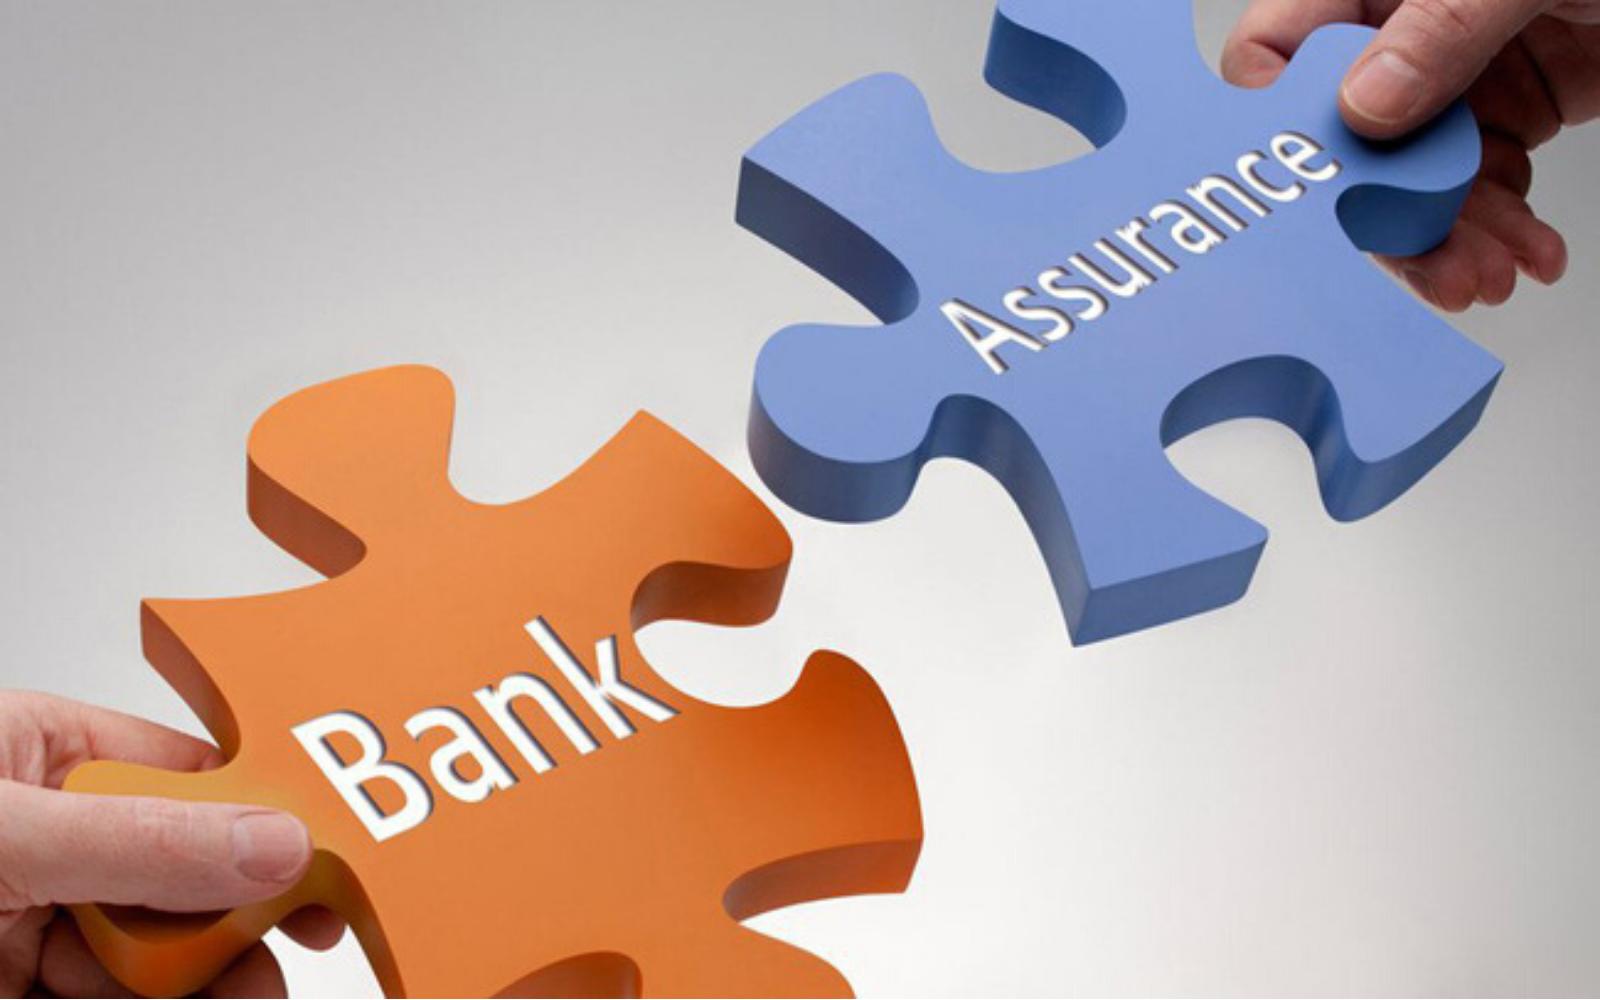 """Độc quyền bancassurance, công ty bảo hiểm """"lót tay"""" 20 USD đến 35 USD/khách hàng? - Ảnh 2."""